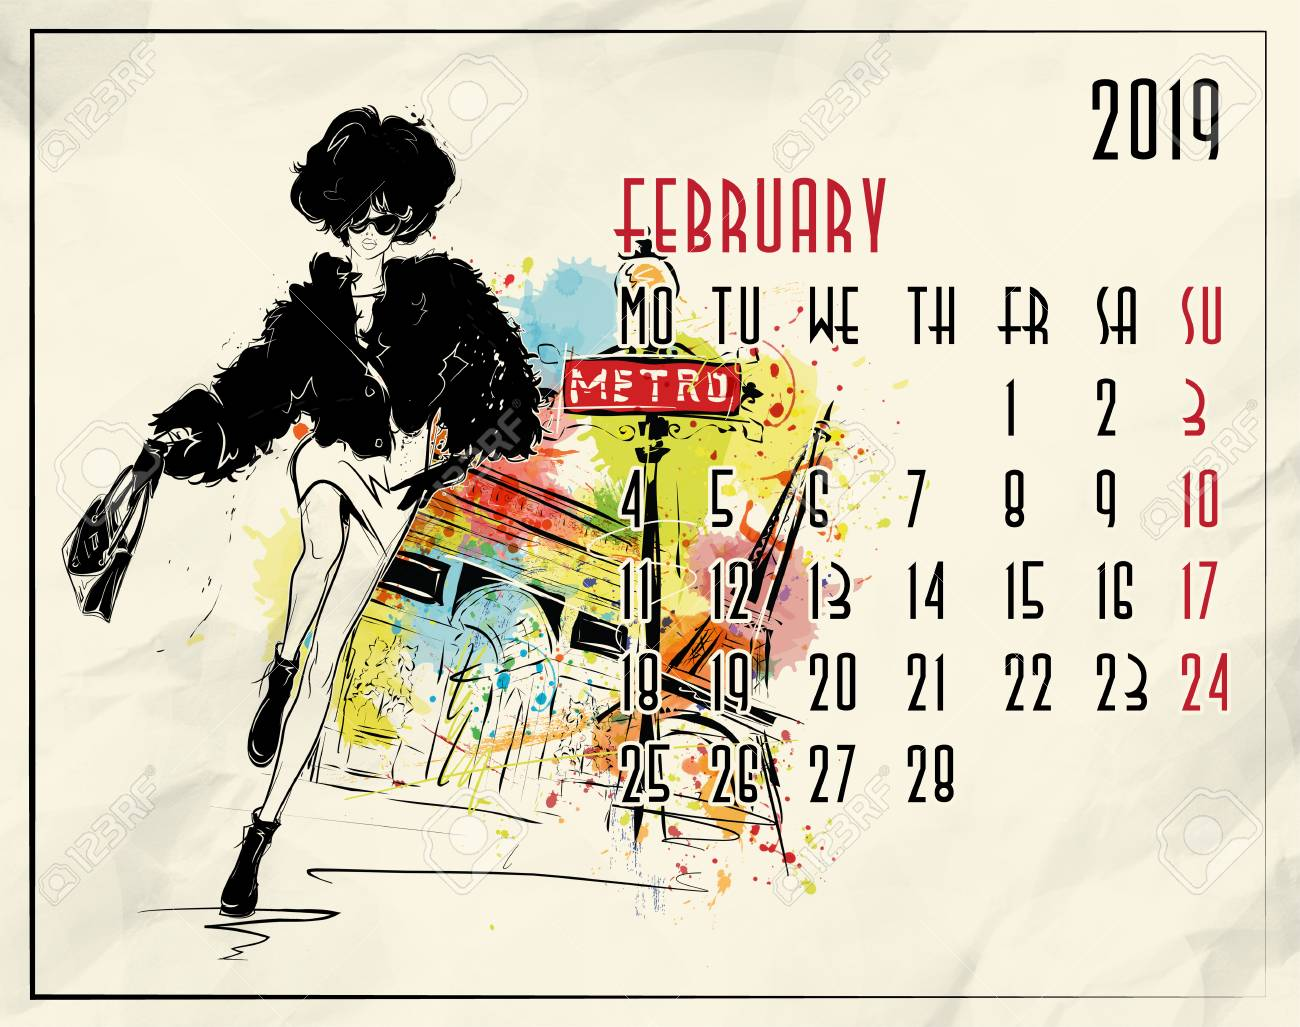 February 2019 Fashion Calendar February. 2019 European Calendar With Fashion Girl In Sketch